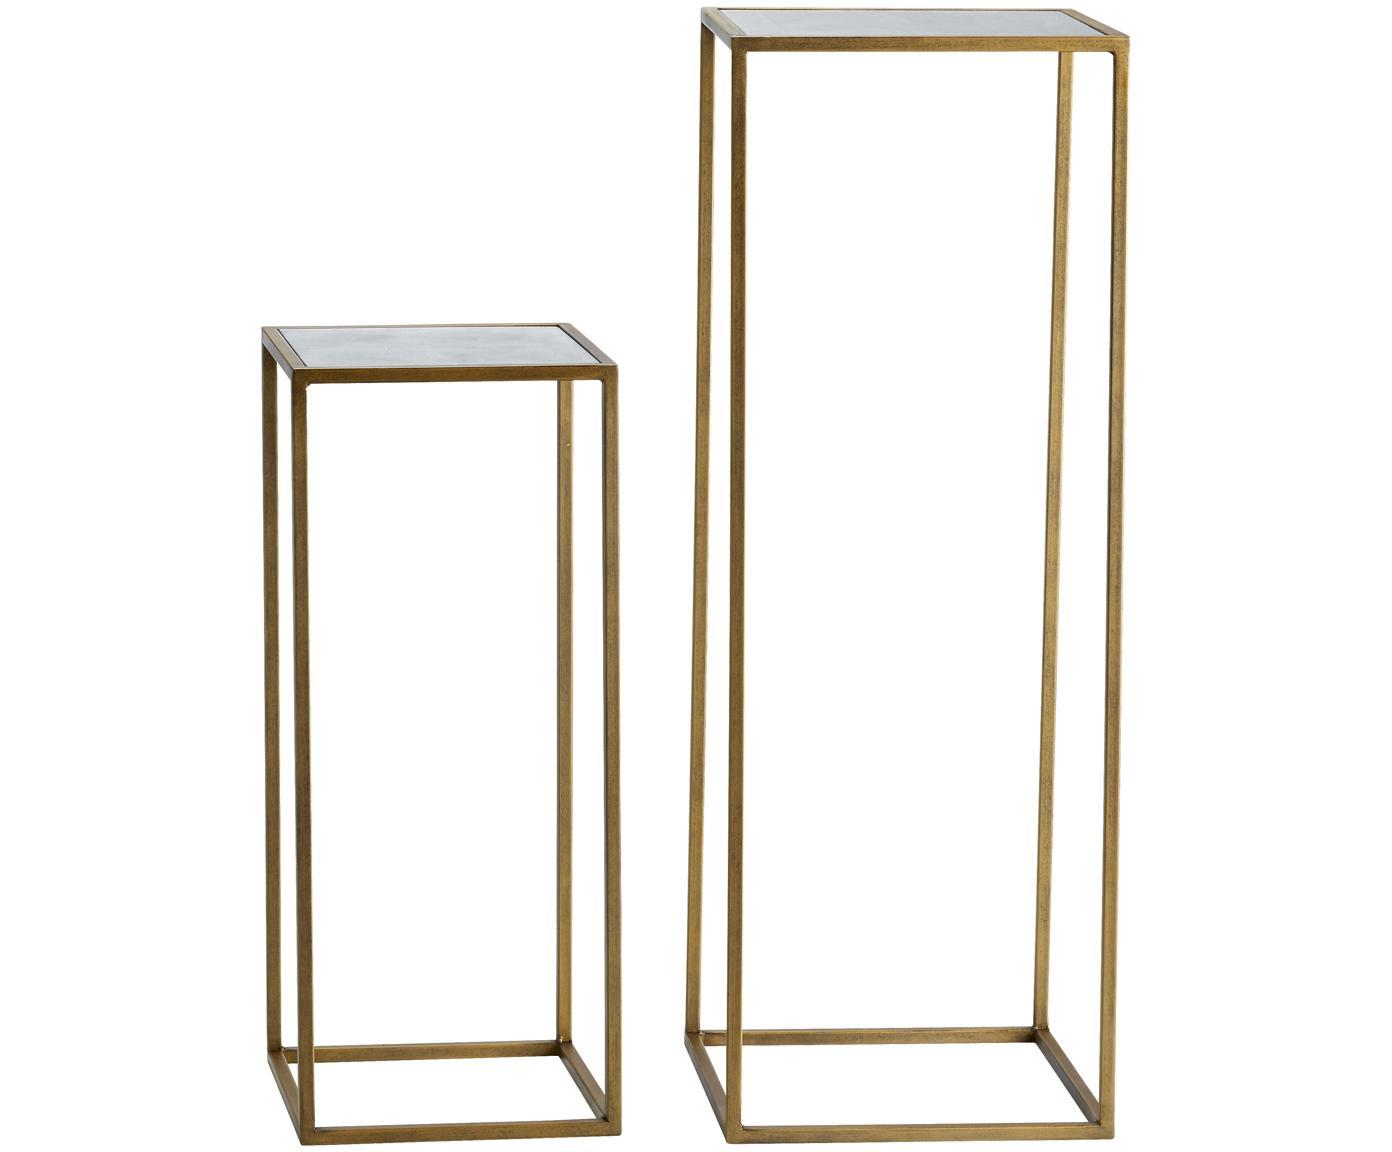 Komplet stolików pomocniczych Honey, 2 szt., Stelaż: metal lakierowany, Blat: szkło lustrzane, matowe, Odcienie mosiądzu, Różne rozmiary